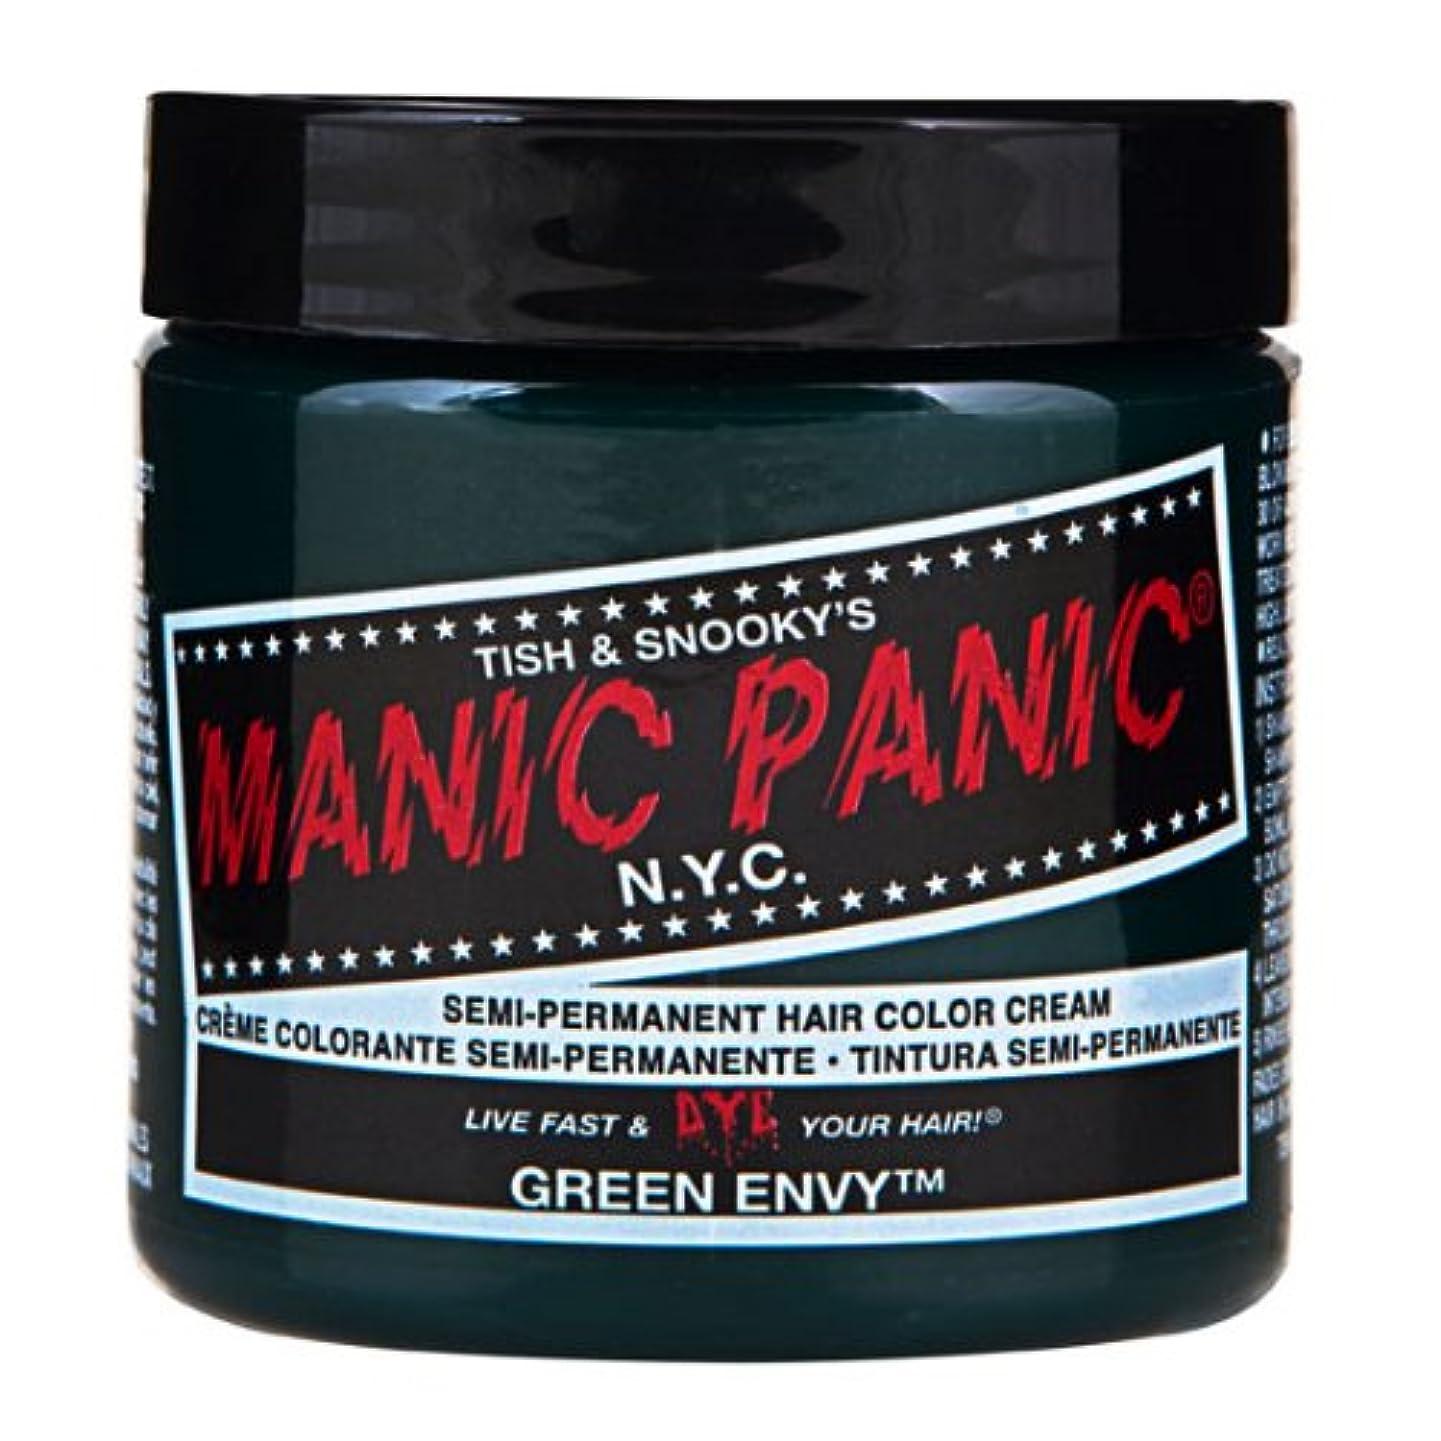 安いですチケットブルーベルスペシャルセットMANIC PANICマニックパニック:Green Envy (グリーンエンヴィ)+ヘアカラーケア4点セット